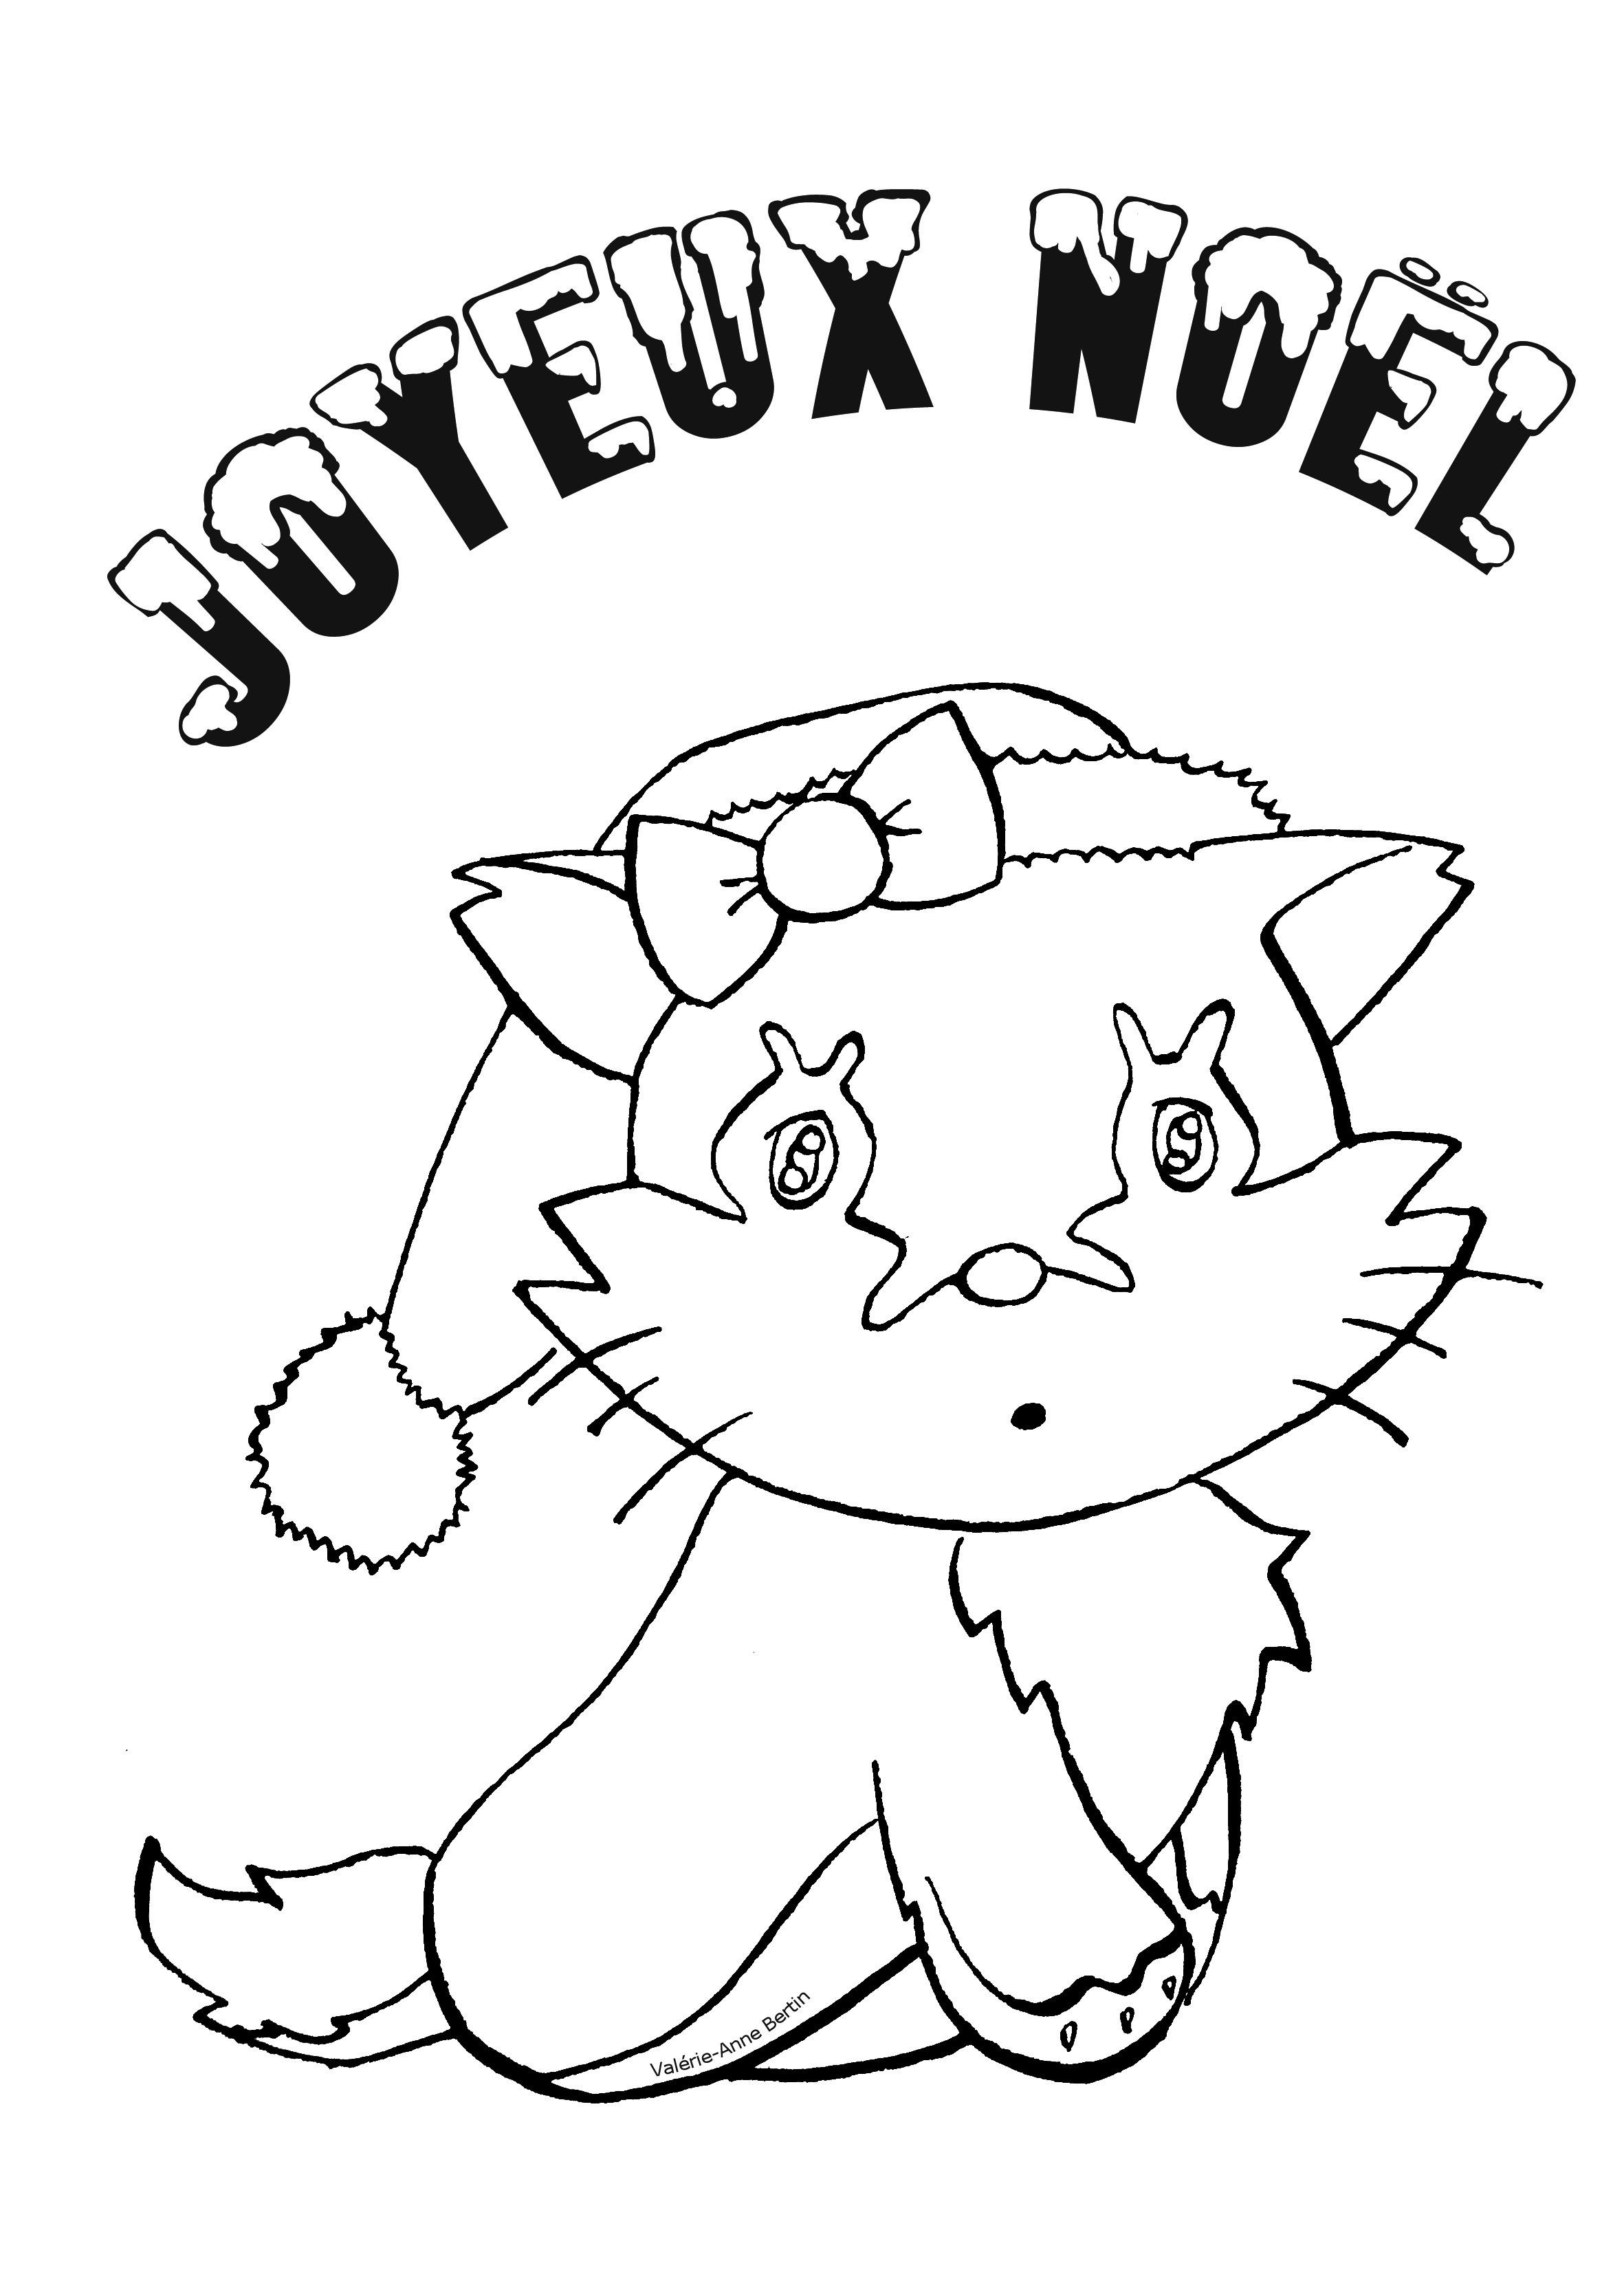 joyeux noel vab charming zizou